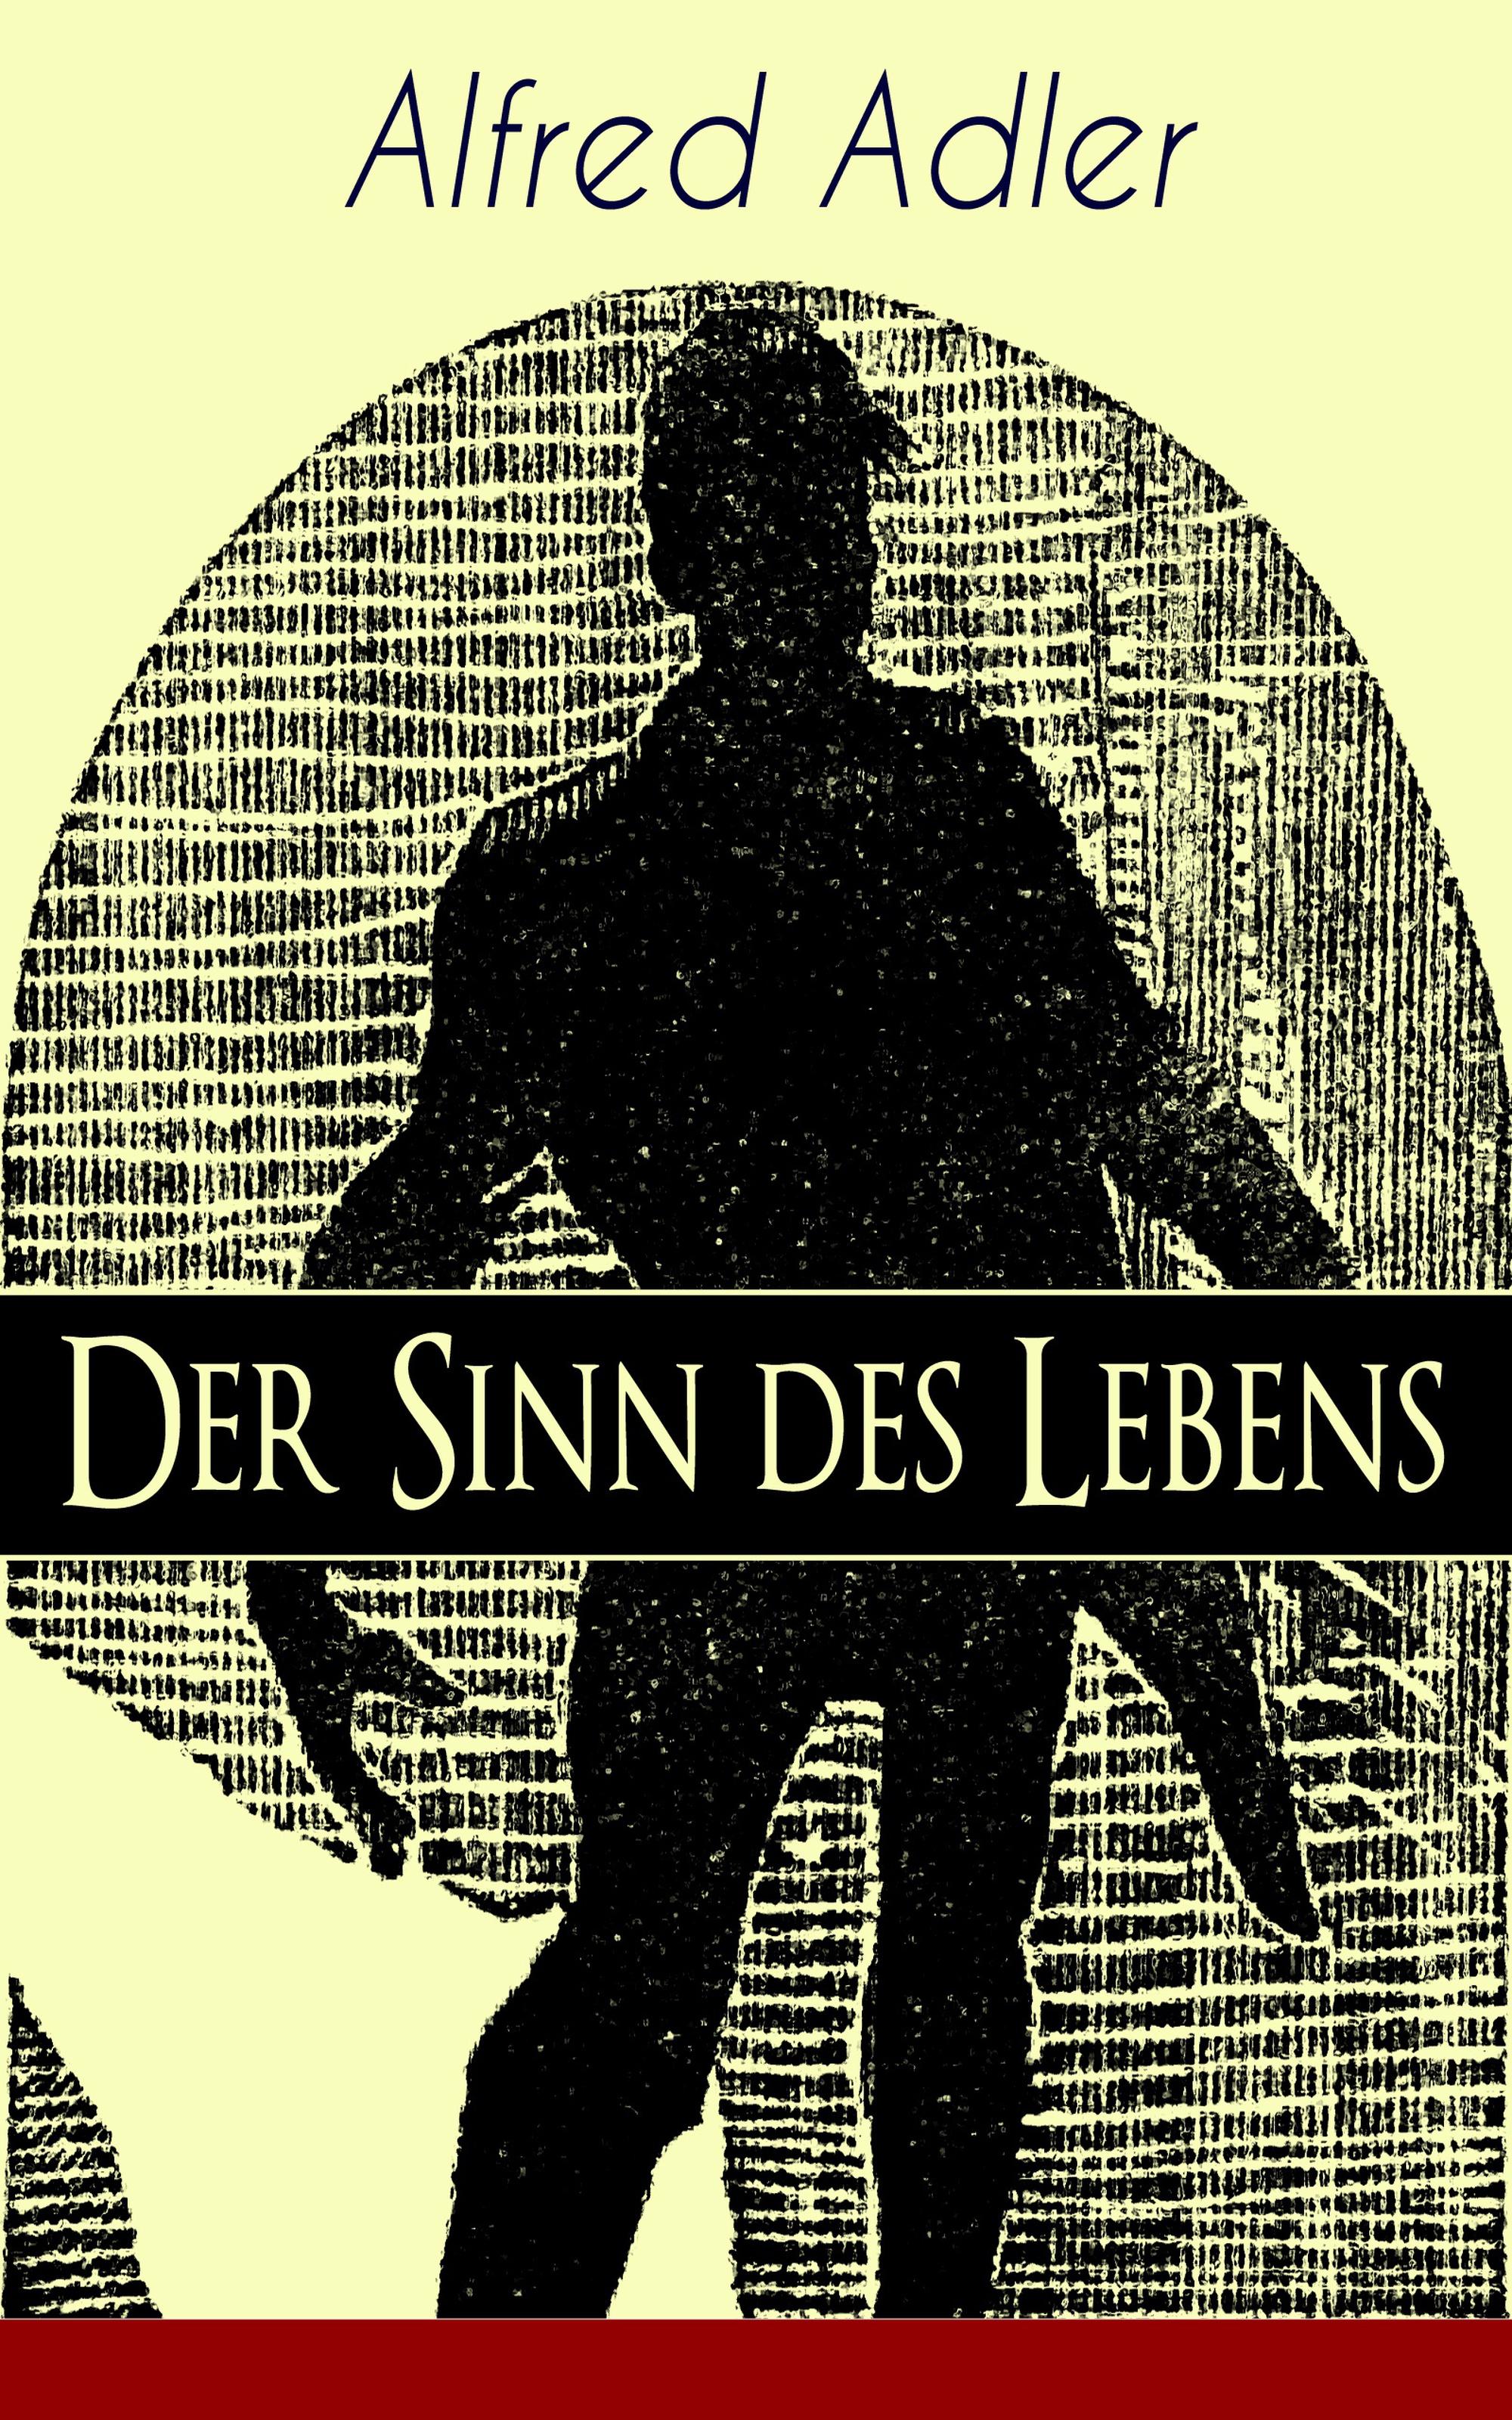 Alfred Adler Der Sinn des Lebens patricia kelly der klang meines lebens